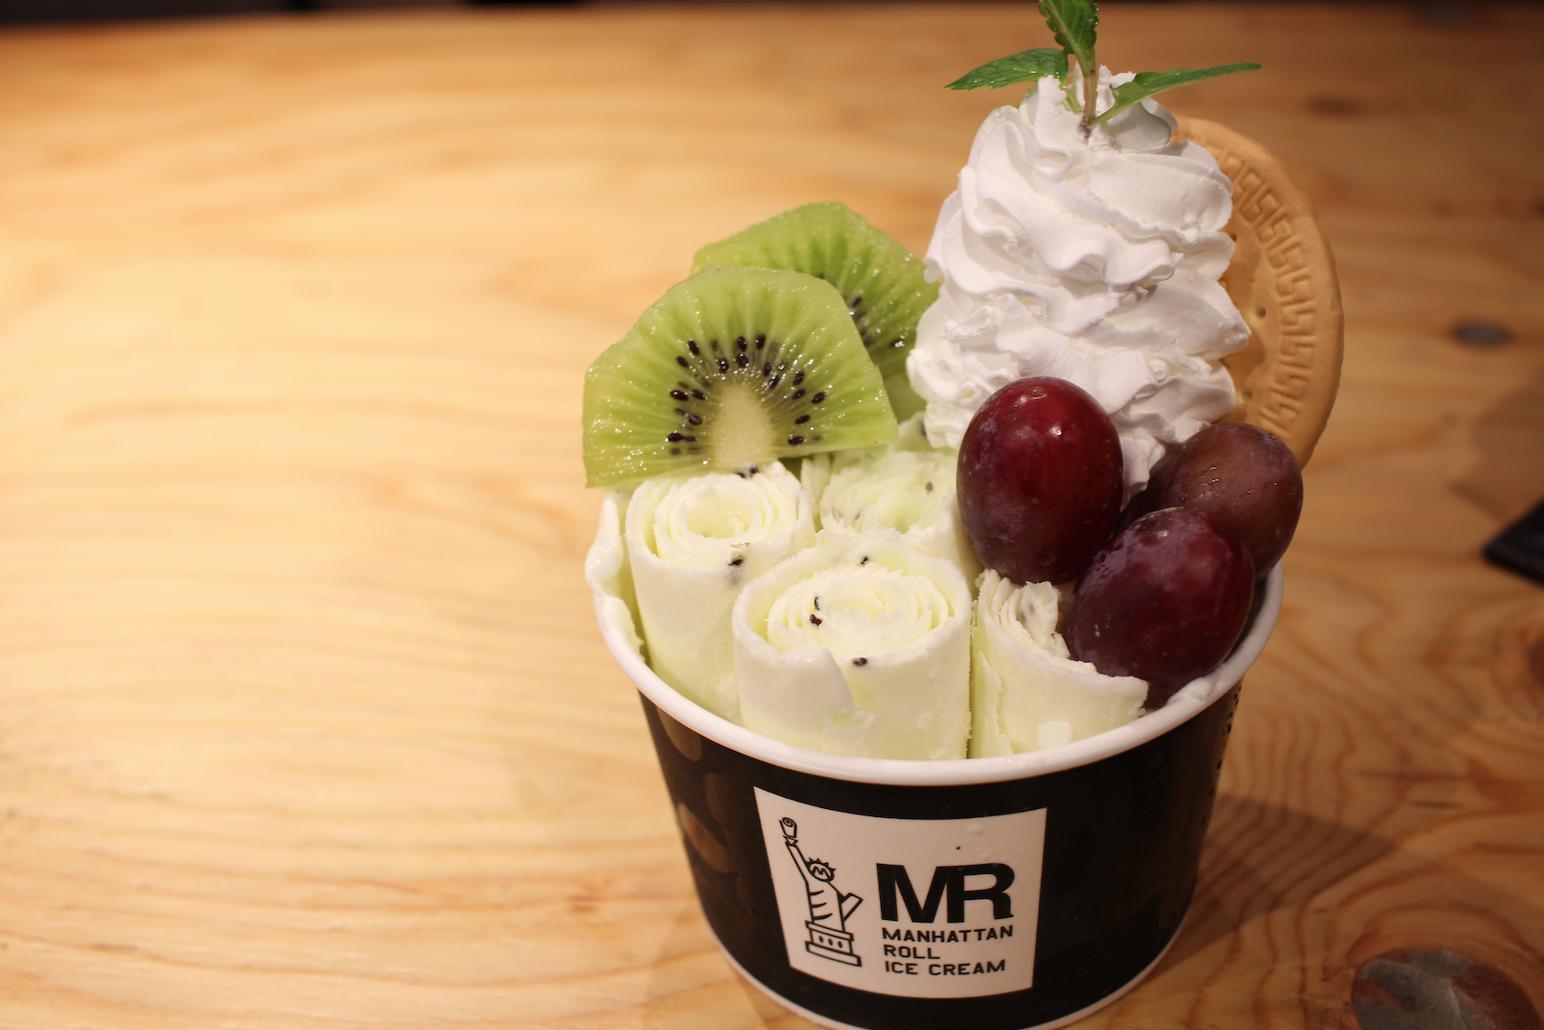 「マンハッタンロールアイスクリーム」が2019年春夏の新作メニューを4月から販売 - sub6